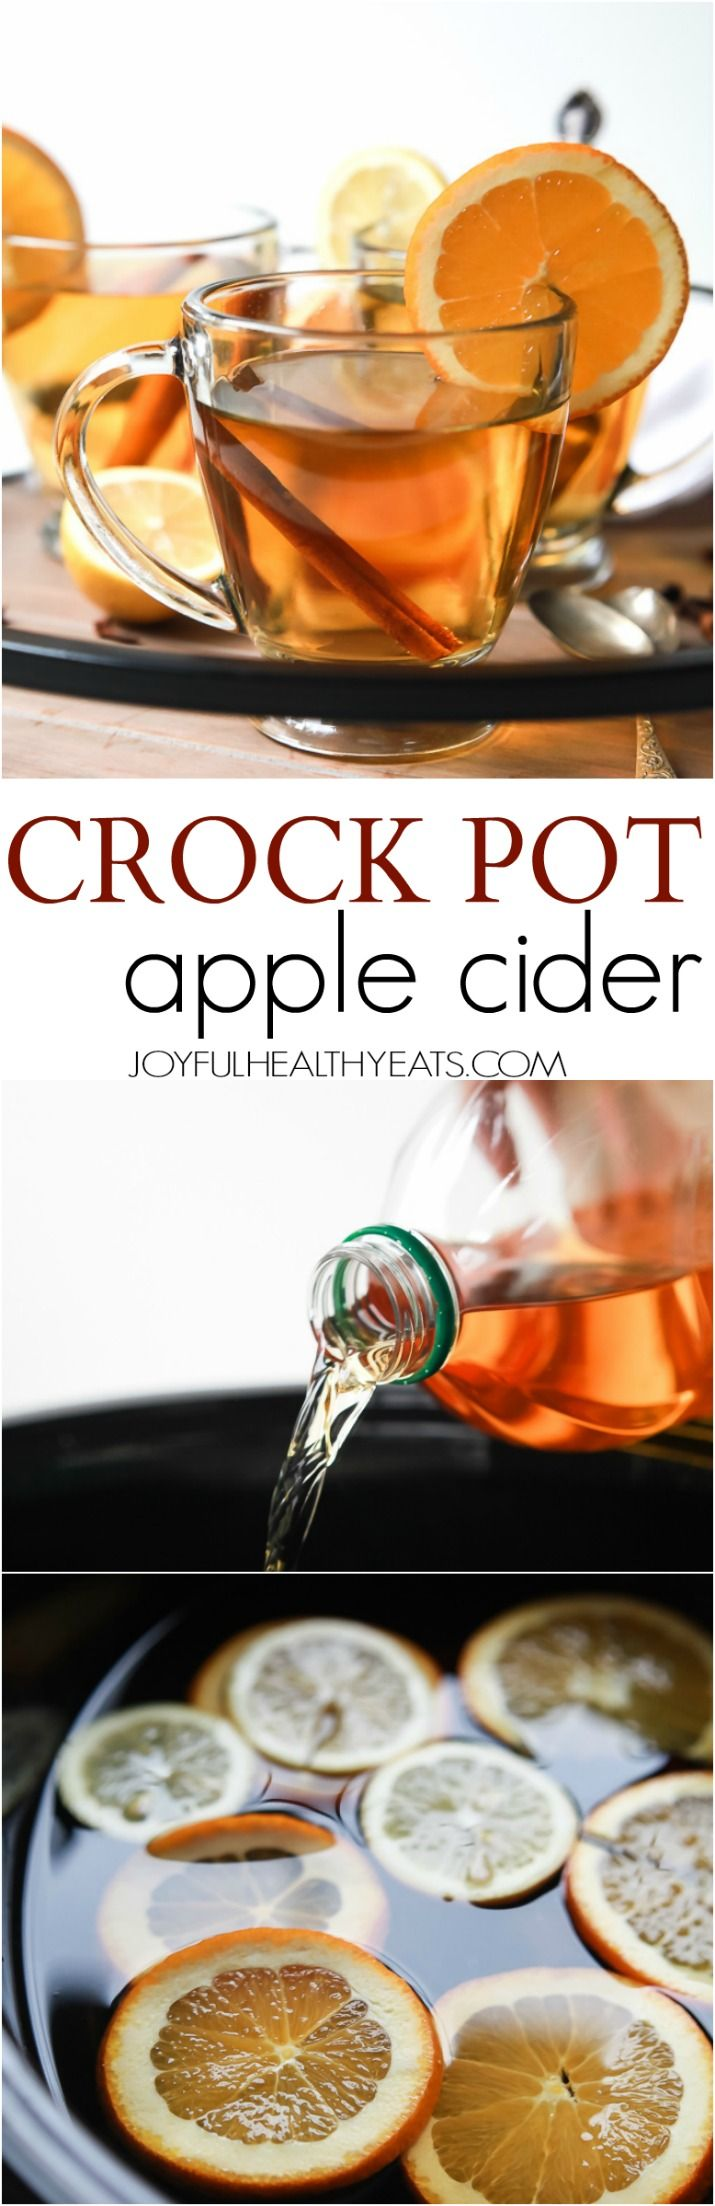 Best 25+ Crockpot apple cider ideas on Pinterest | Apple cider ...